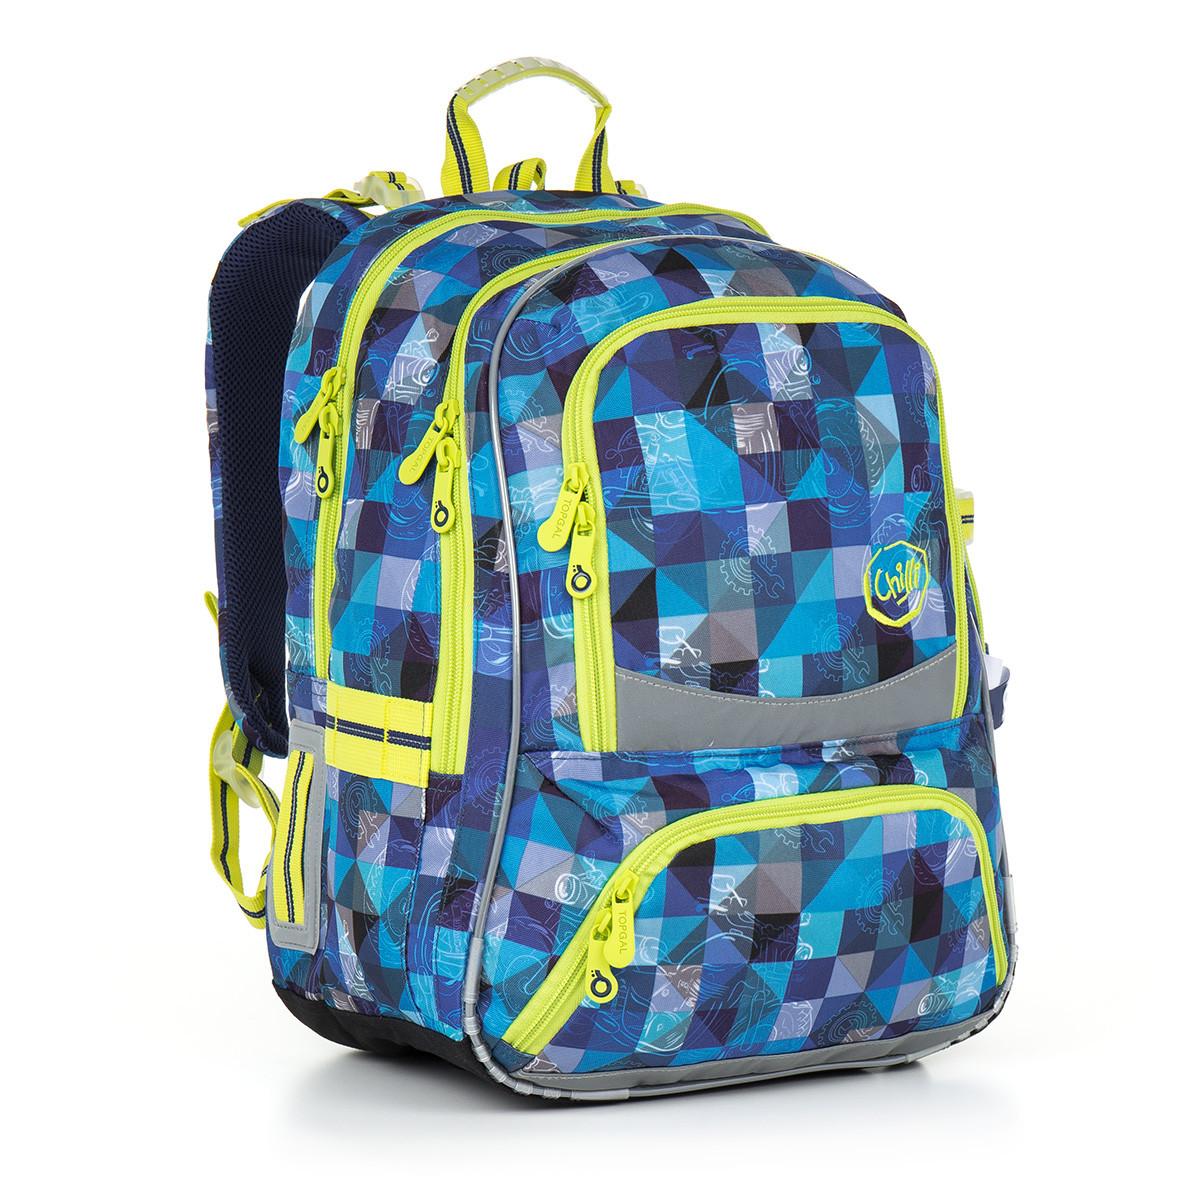 b3c61b17406 Školní batoh TOPGAL CHI 870 D - Blue